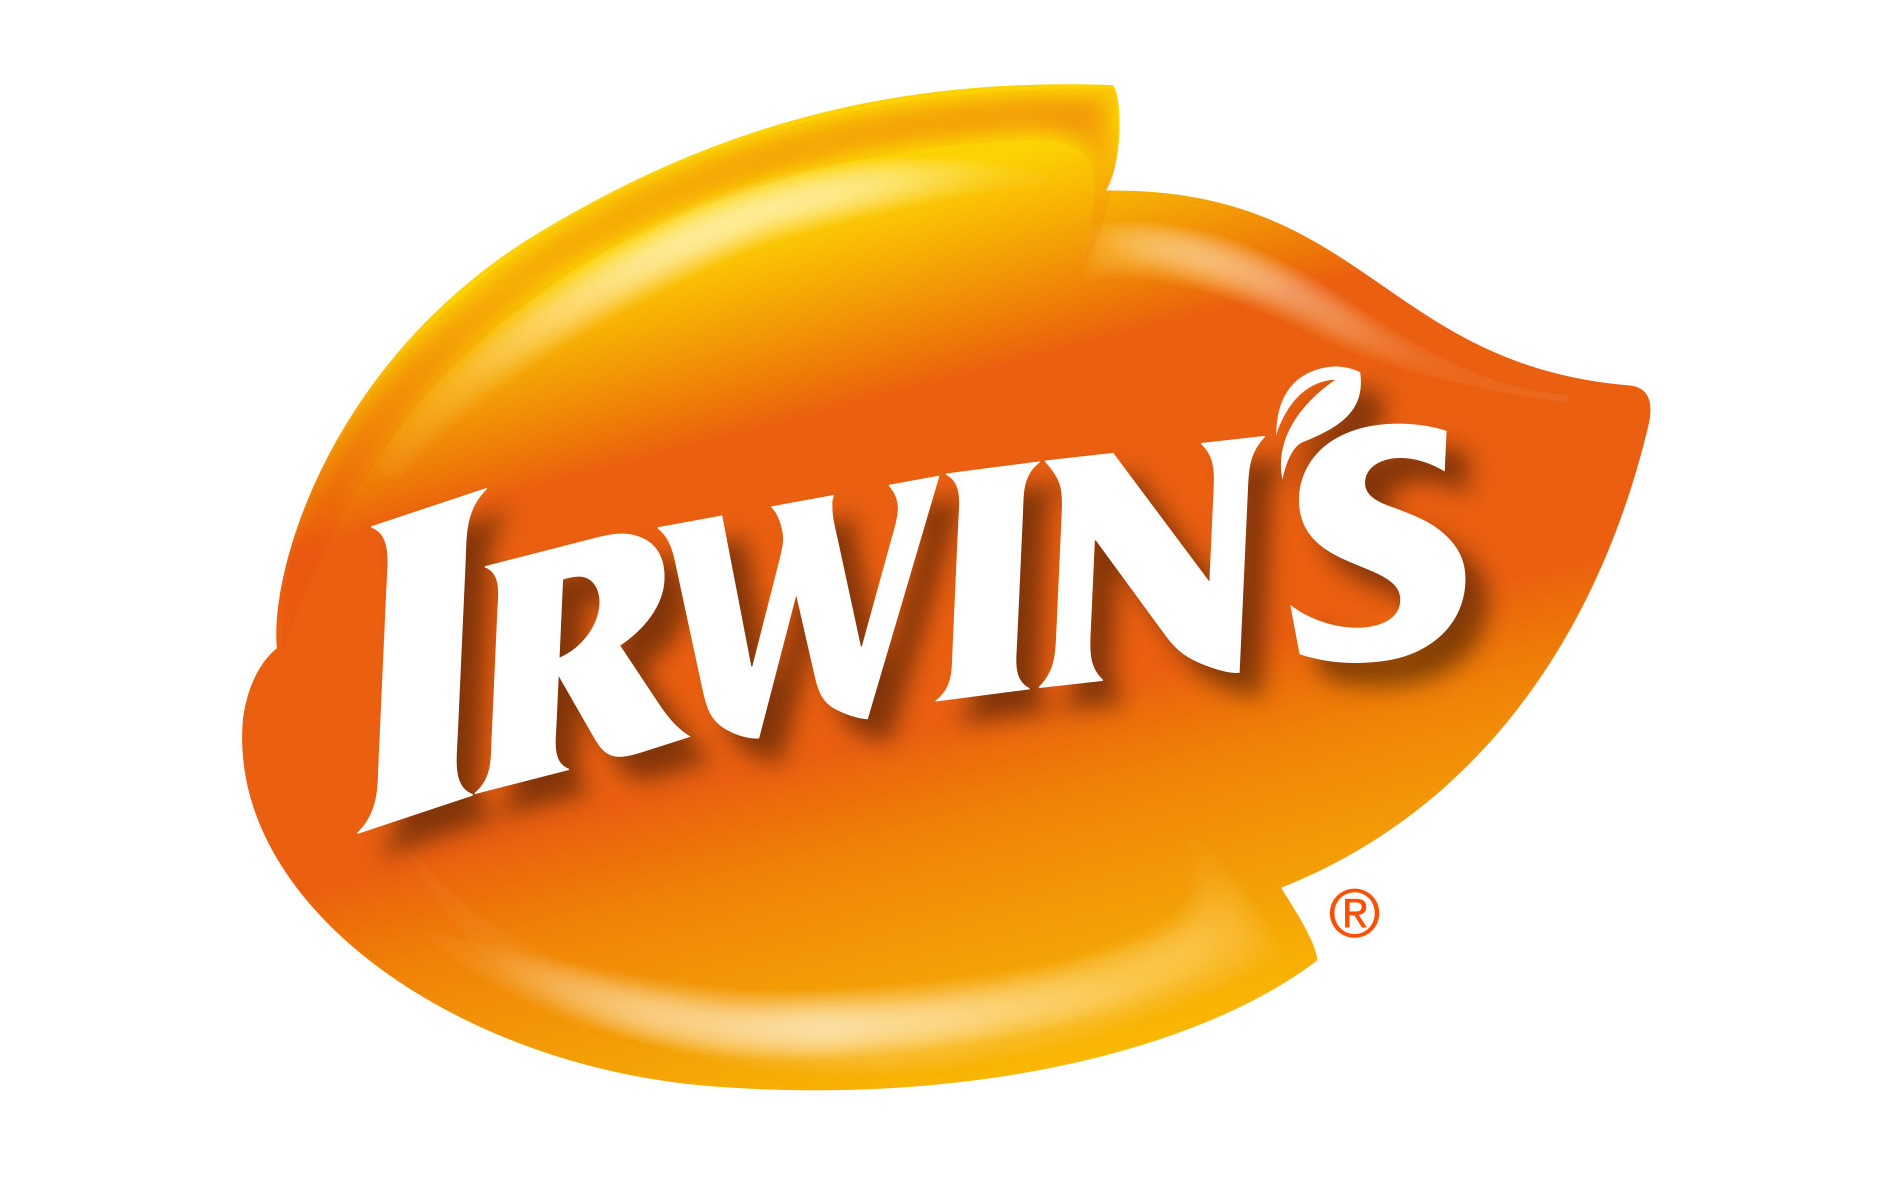 Irwin S Original Irwin S Bakery